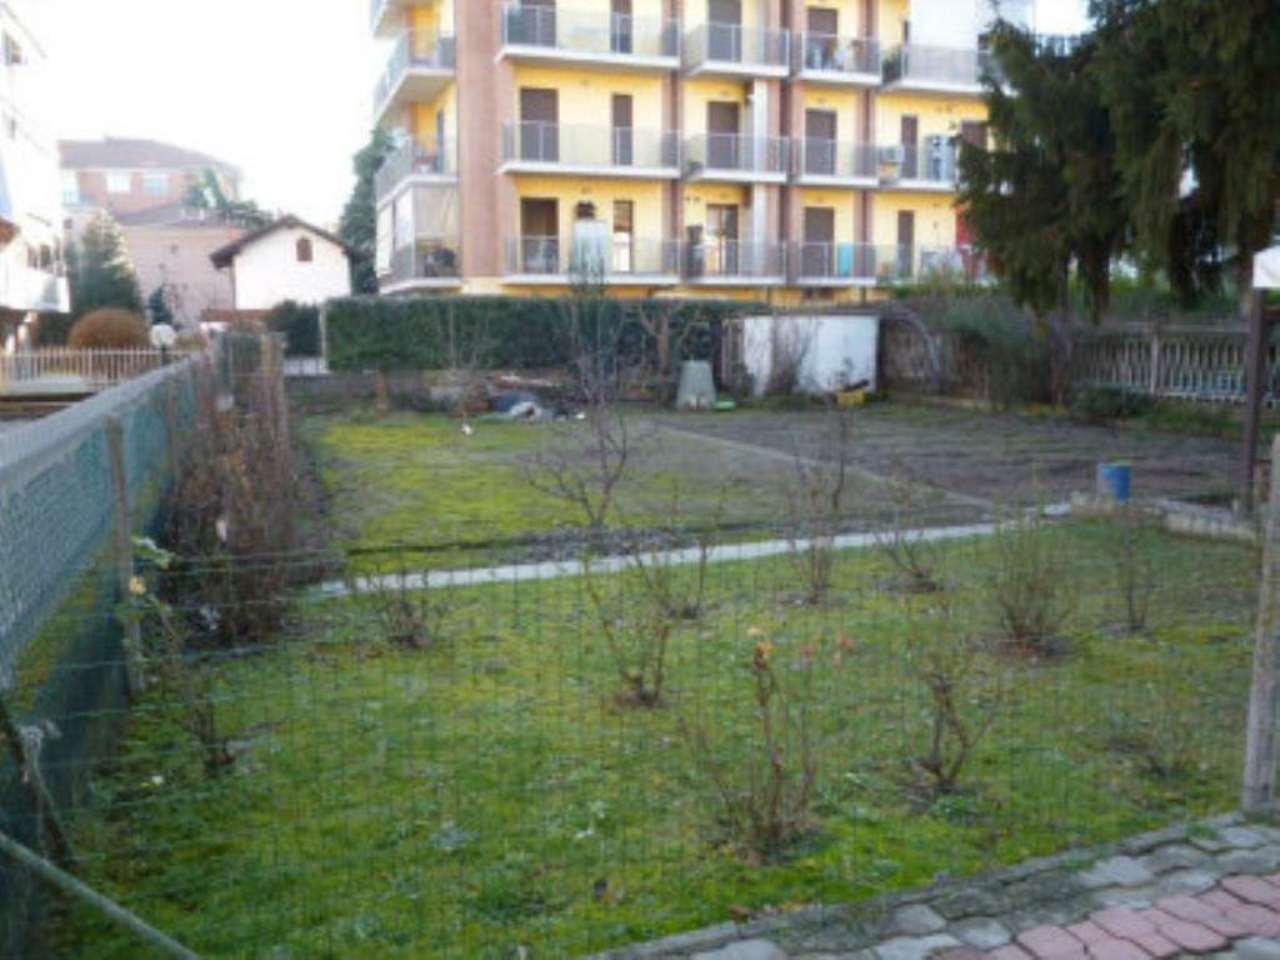 Soluzione Indipendente in vendita a Asti, 6 locali, prezzo € 160.000 | Cambio Casa.it